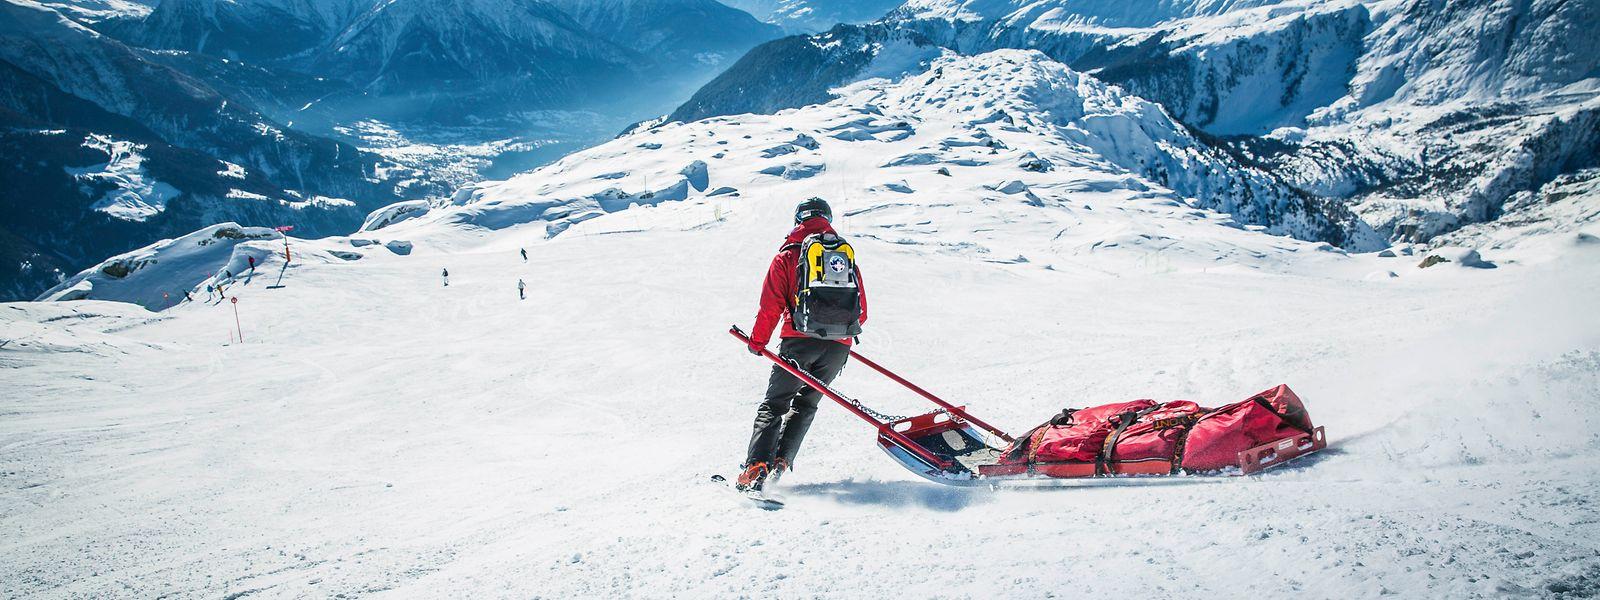 Wintersportler können sich in der Aletsch Arena von einem «Pistenpatrouilleur» die Abläufe hinter einer Rettung erklären lassen.